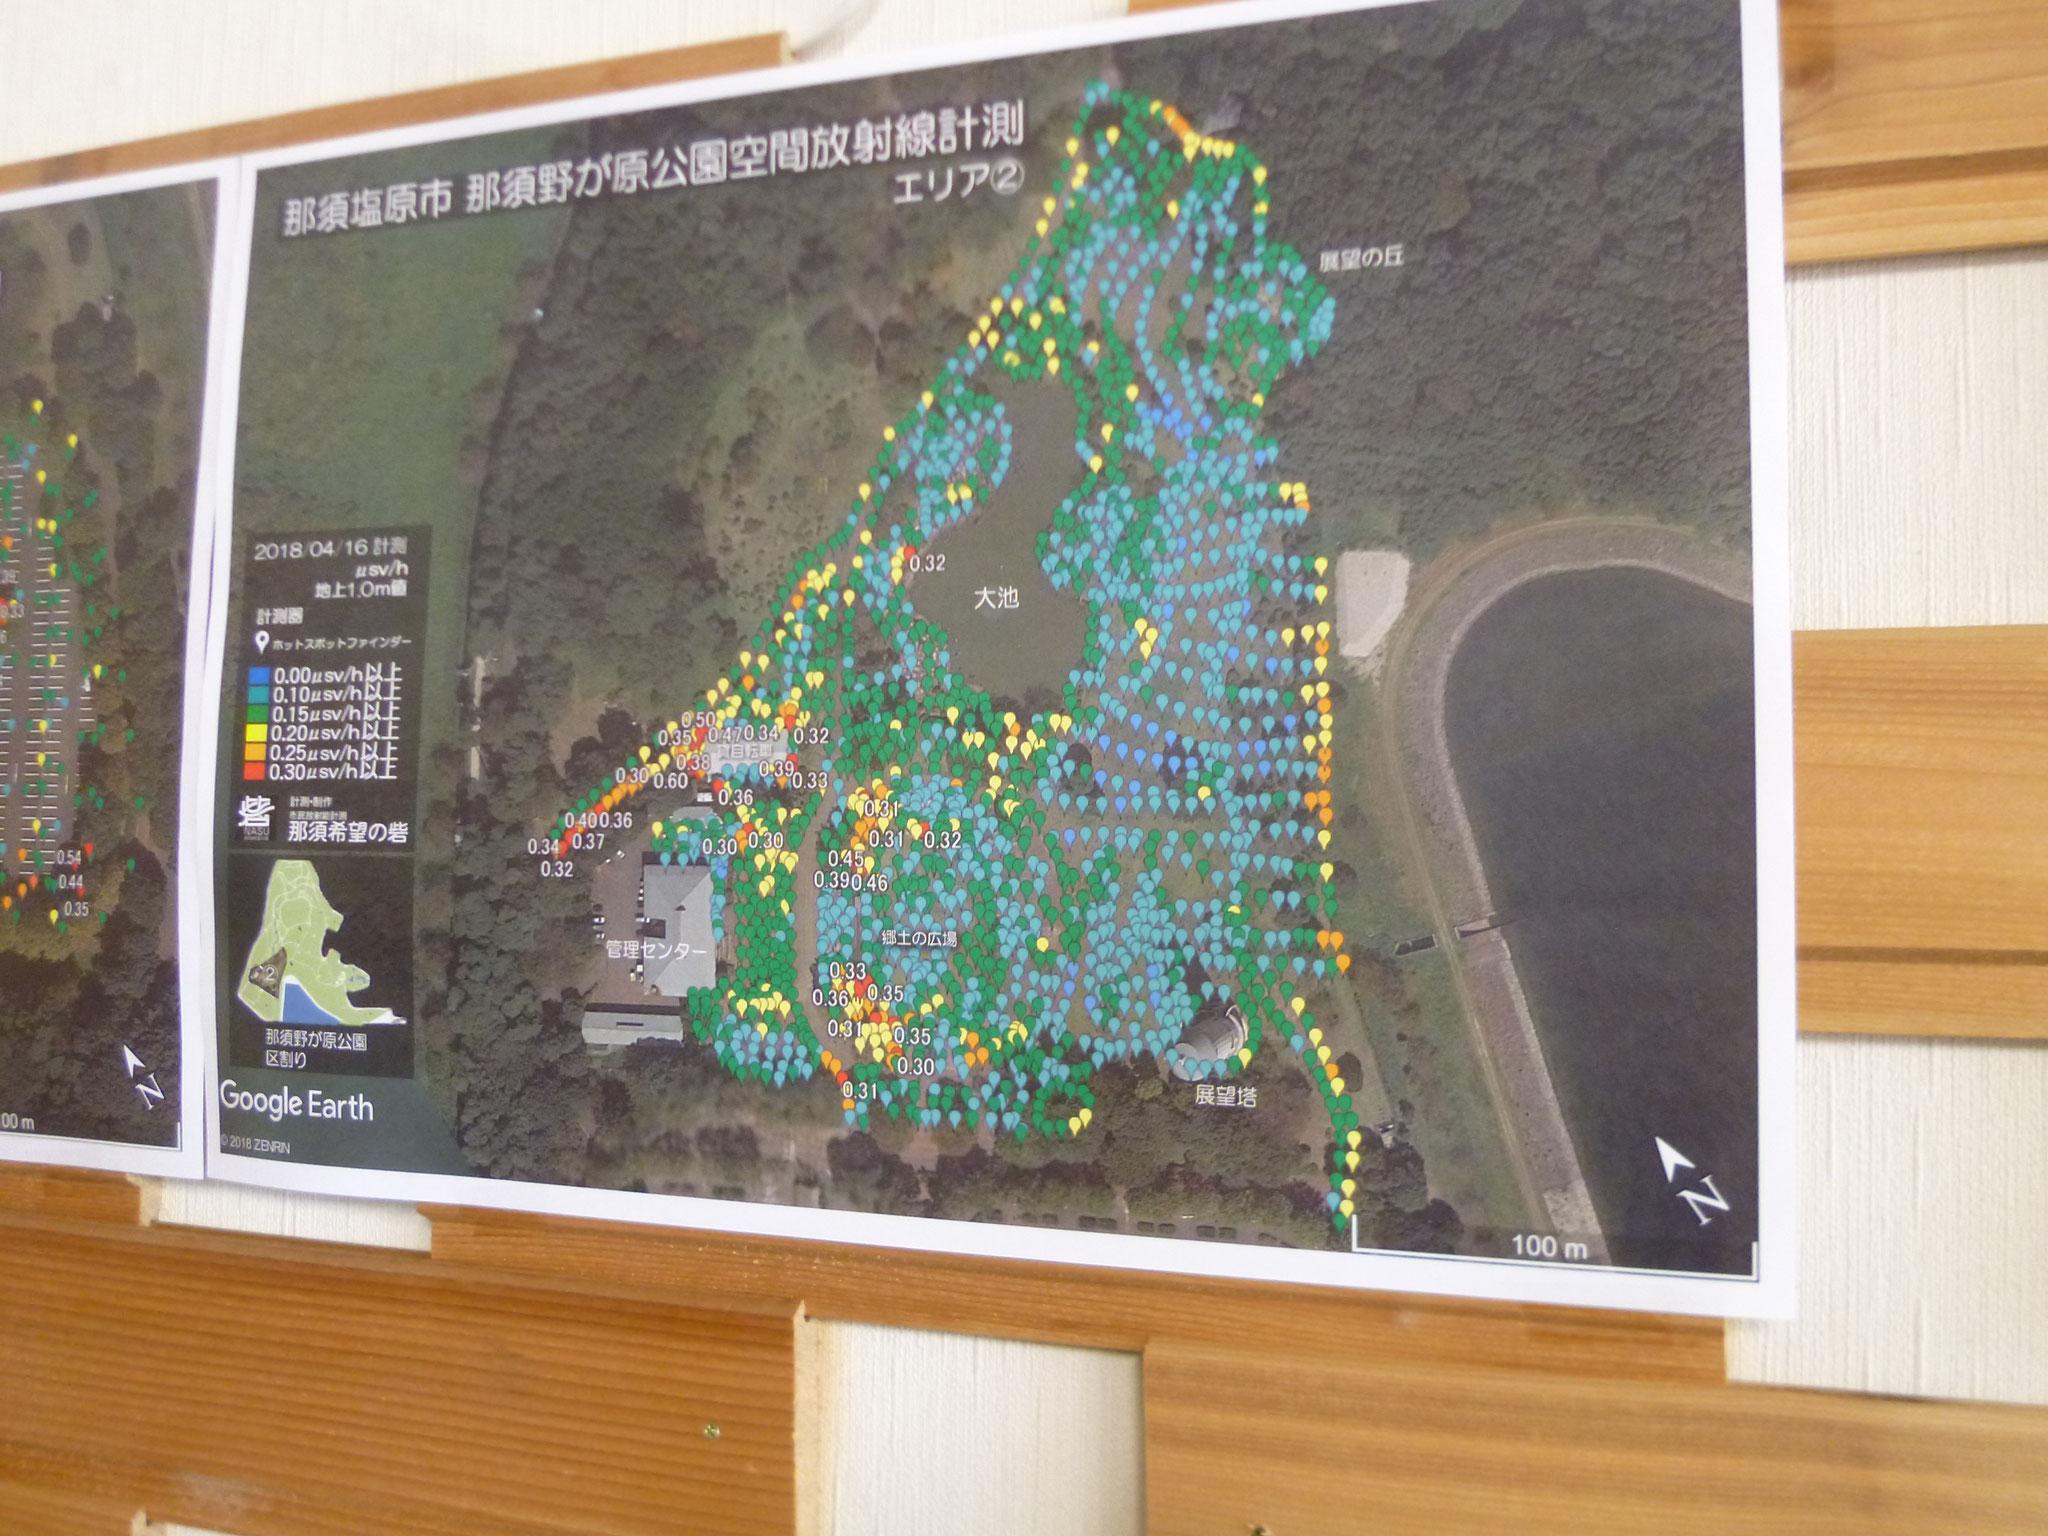 那須野が原公園空間放射線量マップ